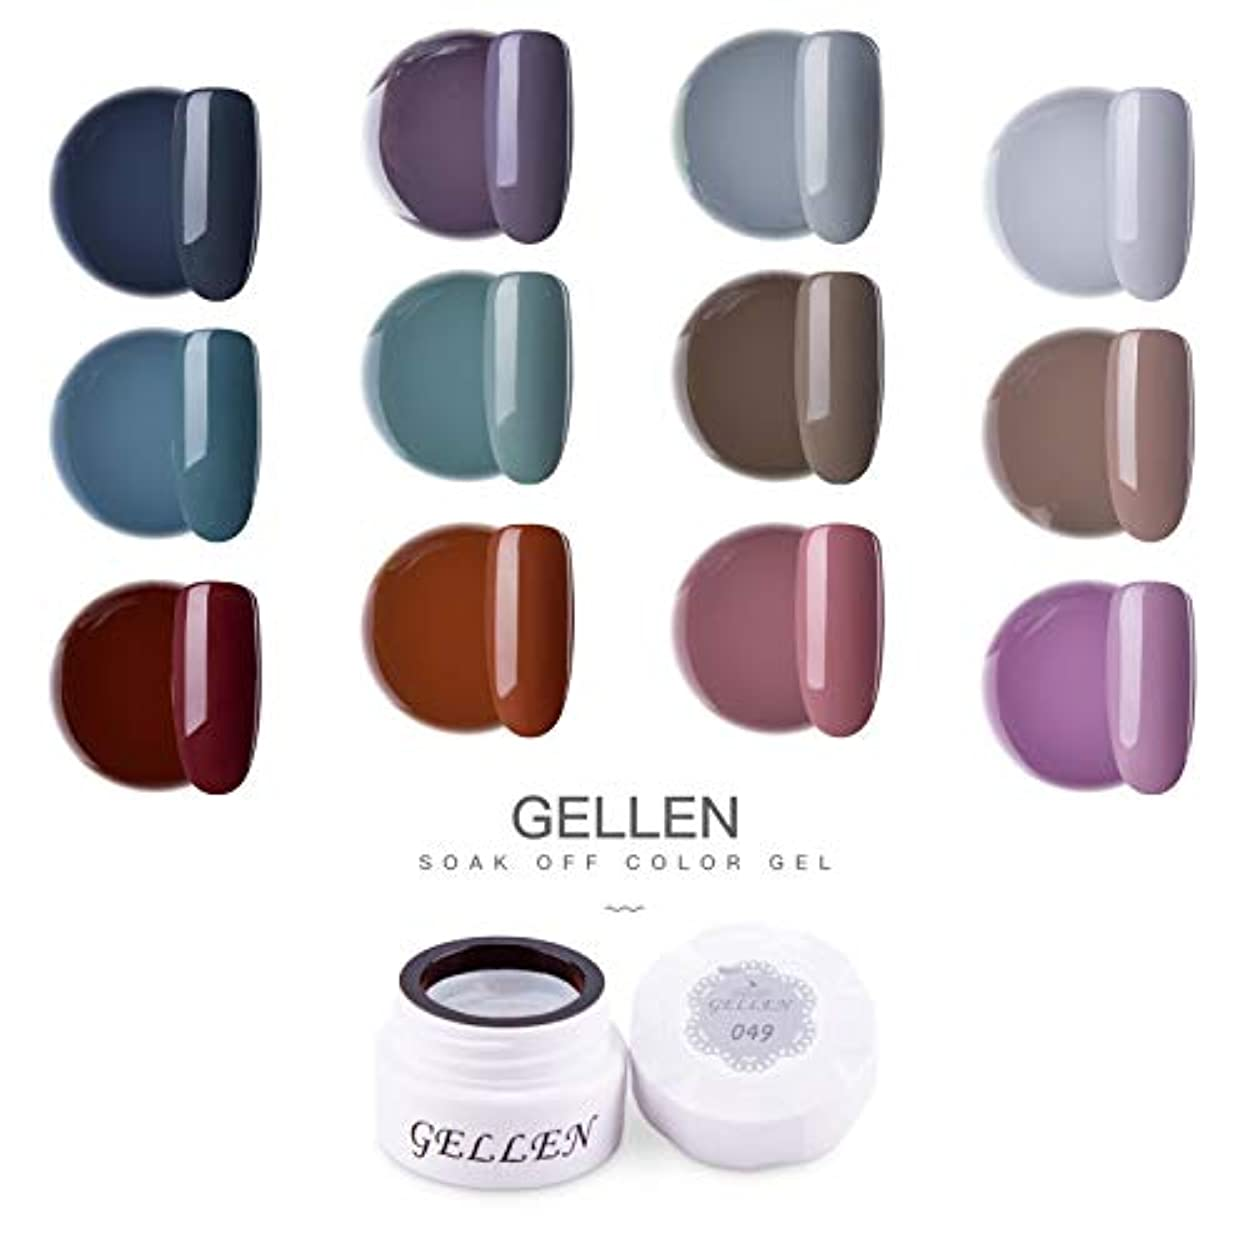 驚掻く以内にGellen カラージェル 12色 セット[クラッシク シリーズ]高品質 5g ジェルネイル カラー ネイルブラシ付き